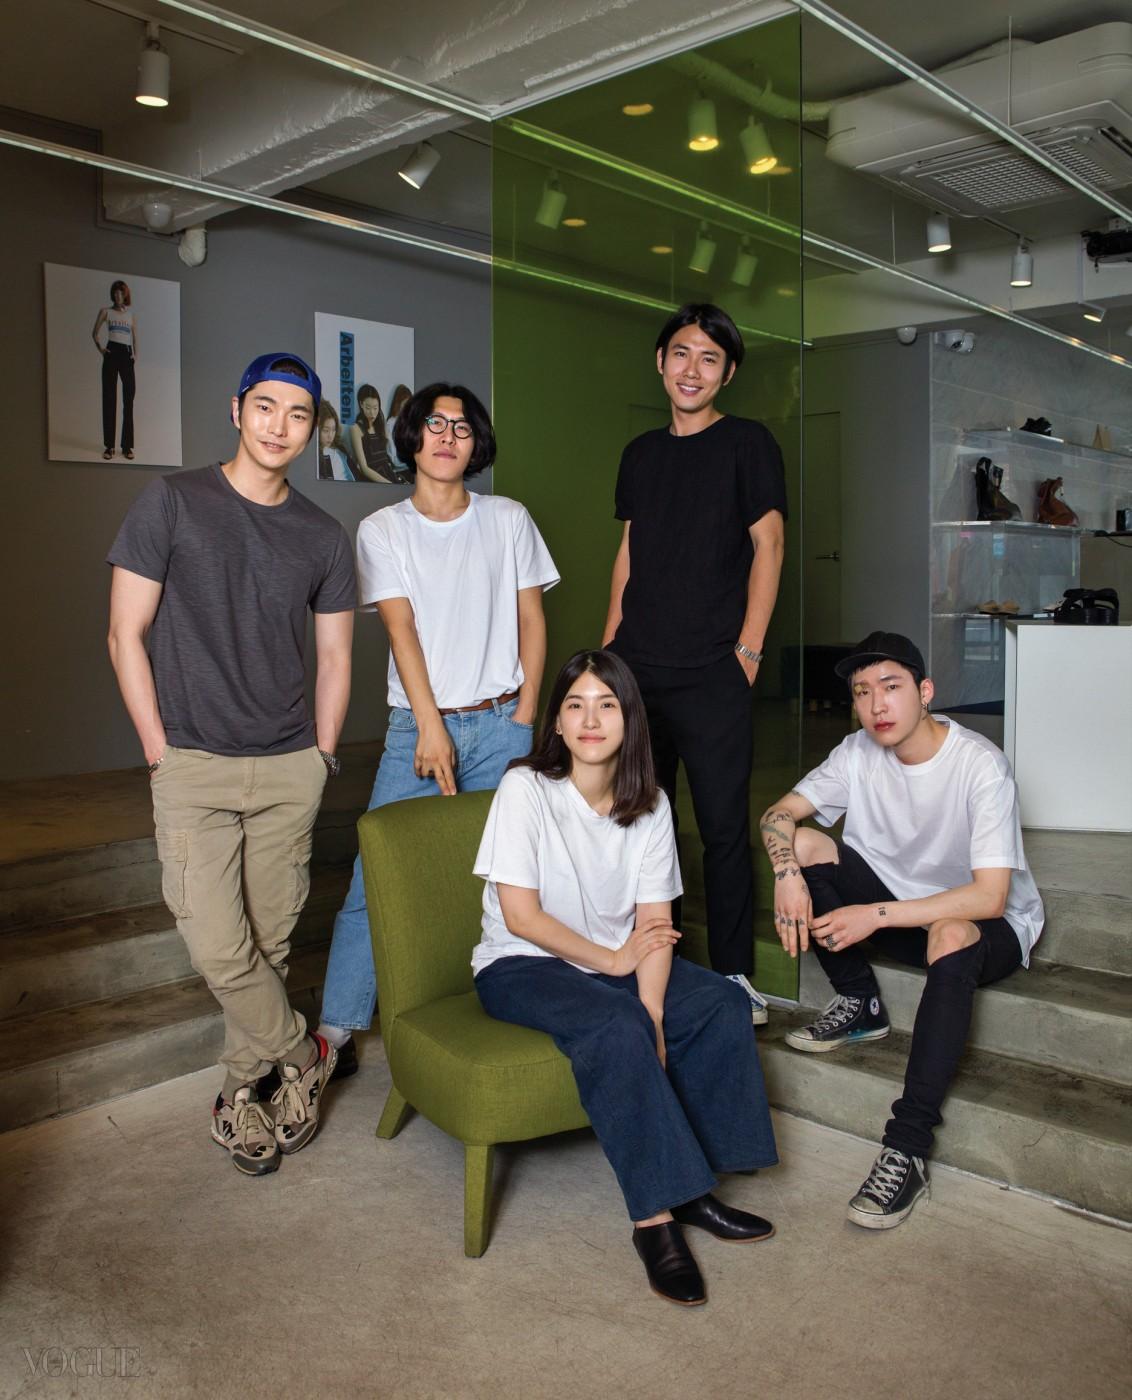 쇼호스트 이민웅, 사진가 오진혁, 로우 클래식 이명신, 사진가 김진용, 비주얼 디렉터 김성현.